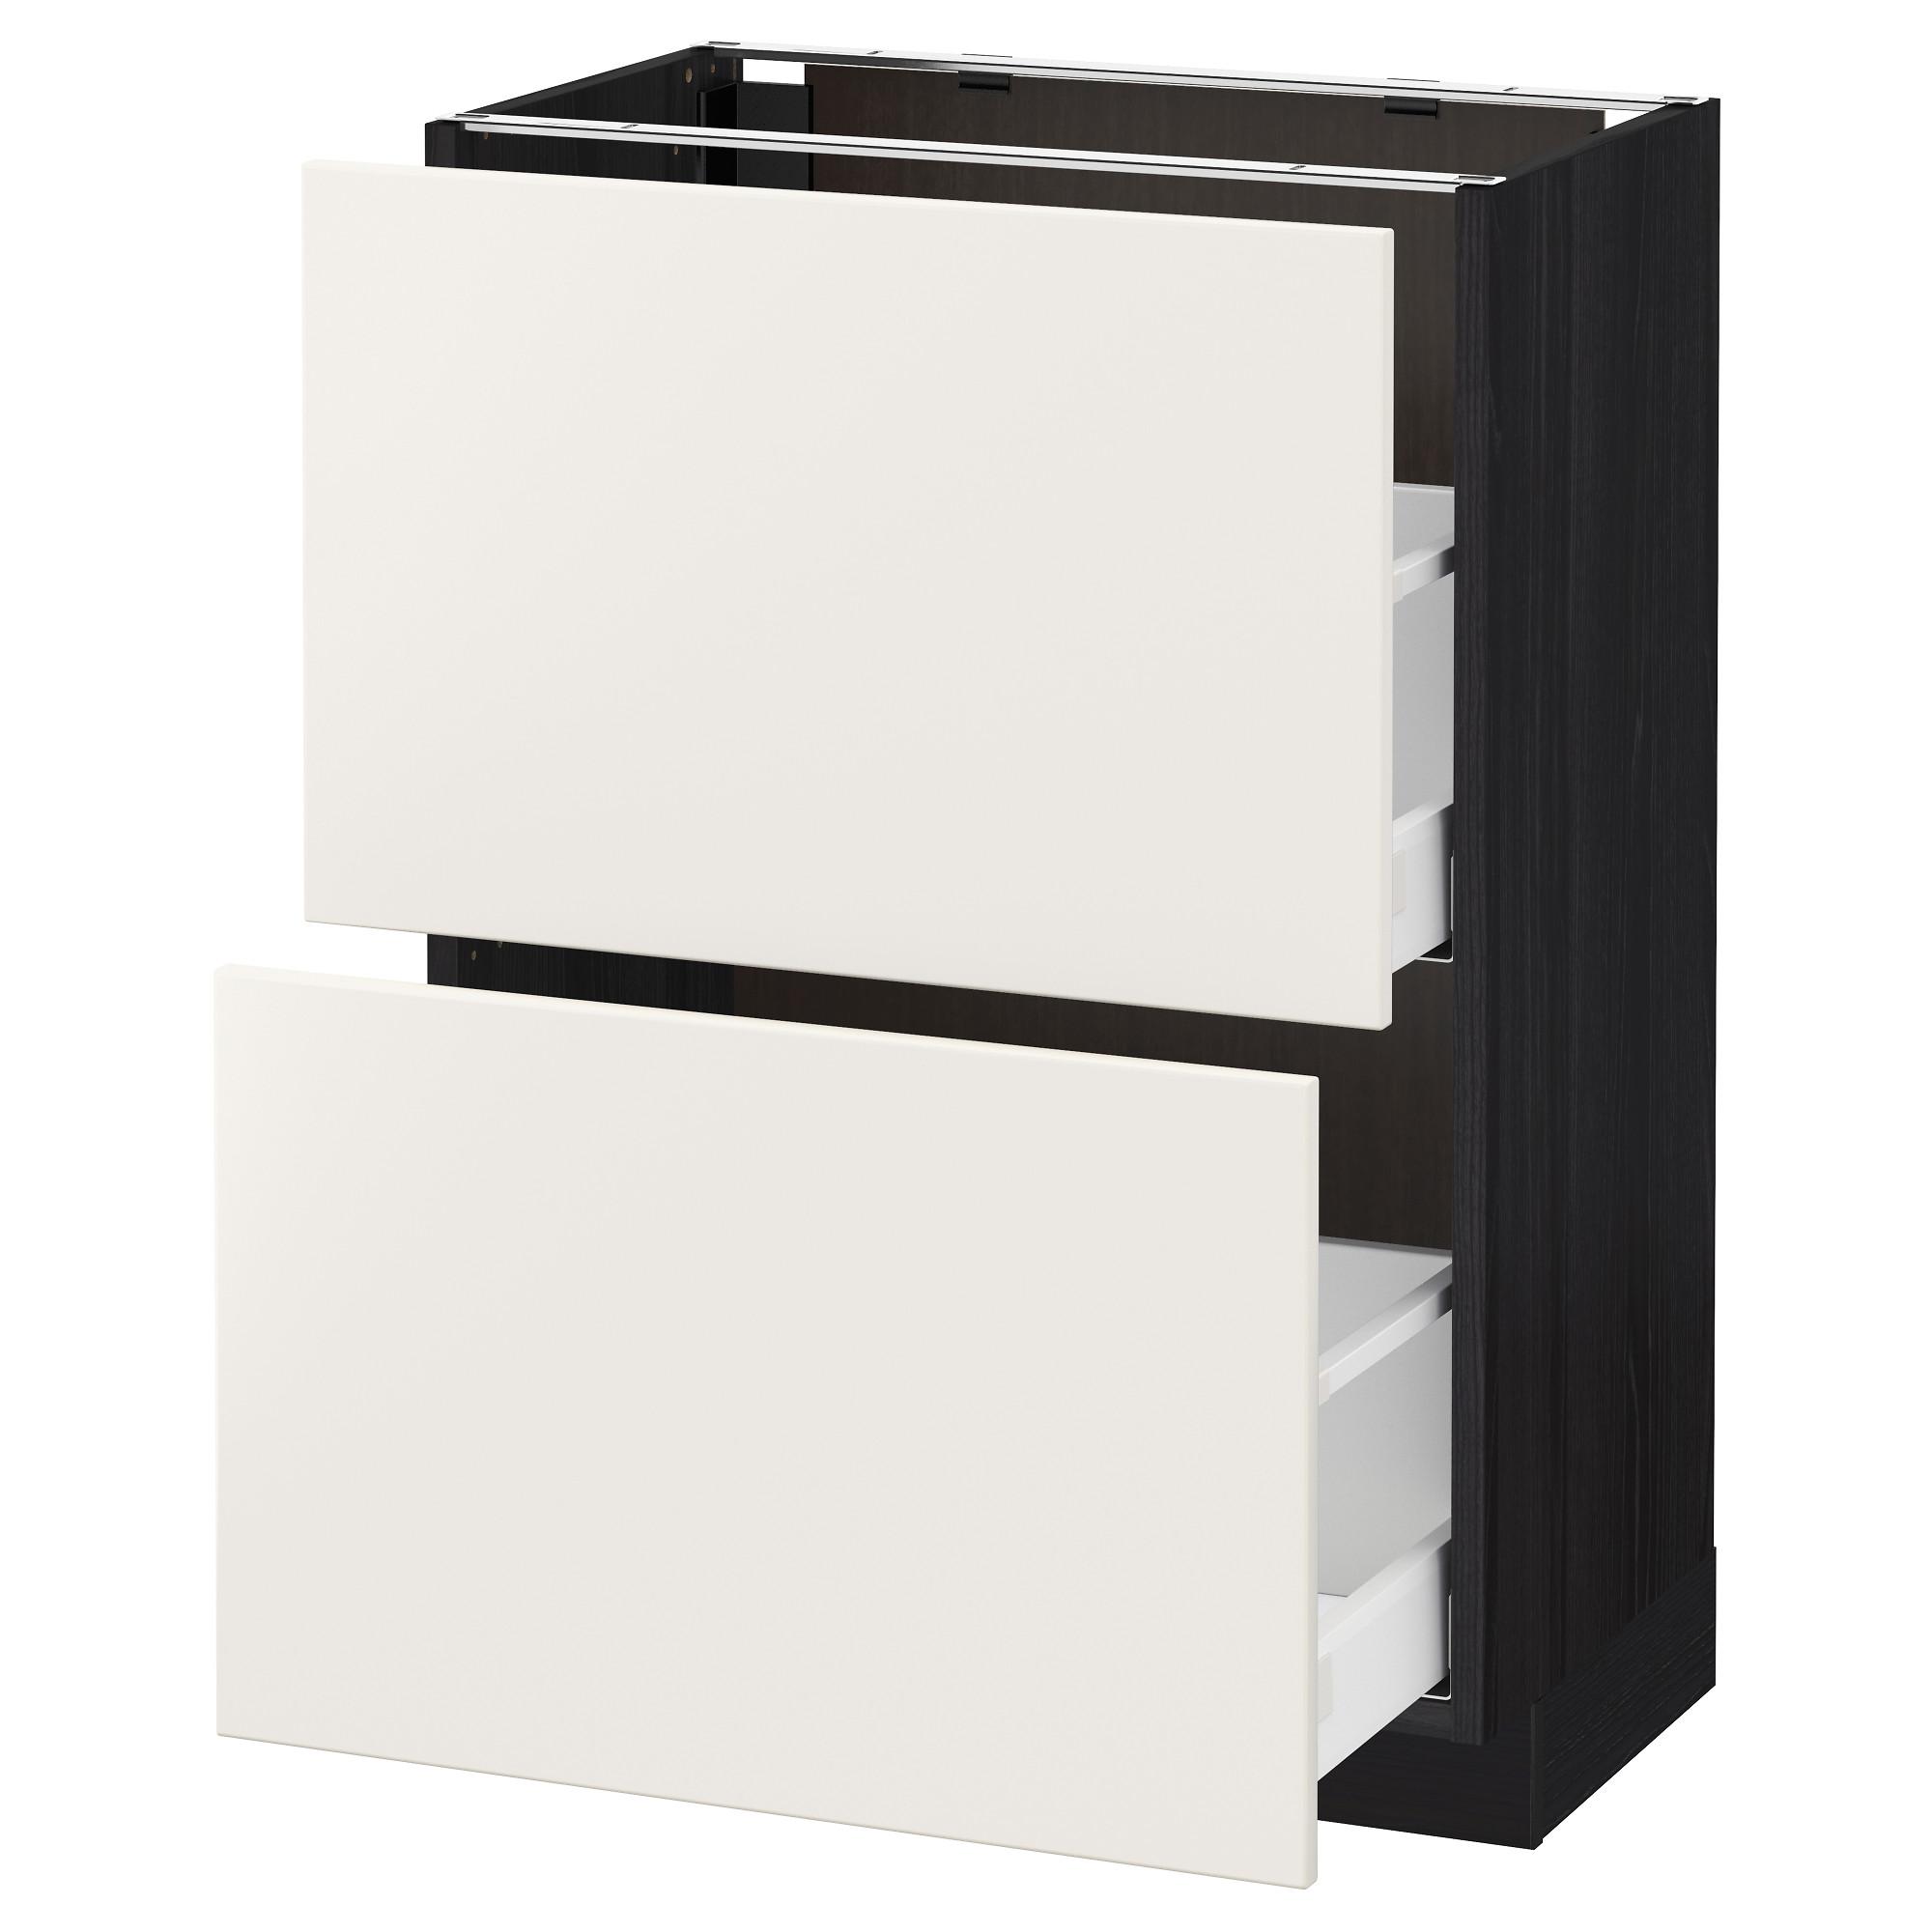 Напольный шкаф с 2 ящиками МЕТОД / МАКСИМЕРА черный артикуль № 092.347.97 в наличии. Онлайн сайт IKEA Беларусь. Быстрая доставка и установка.